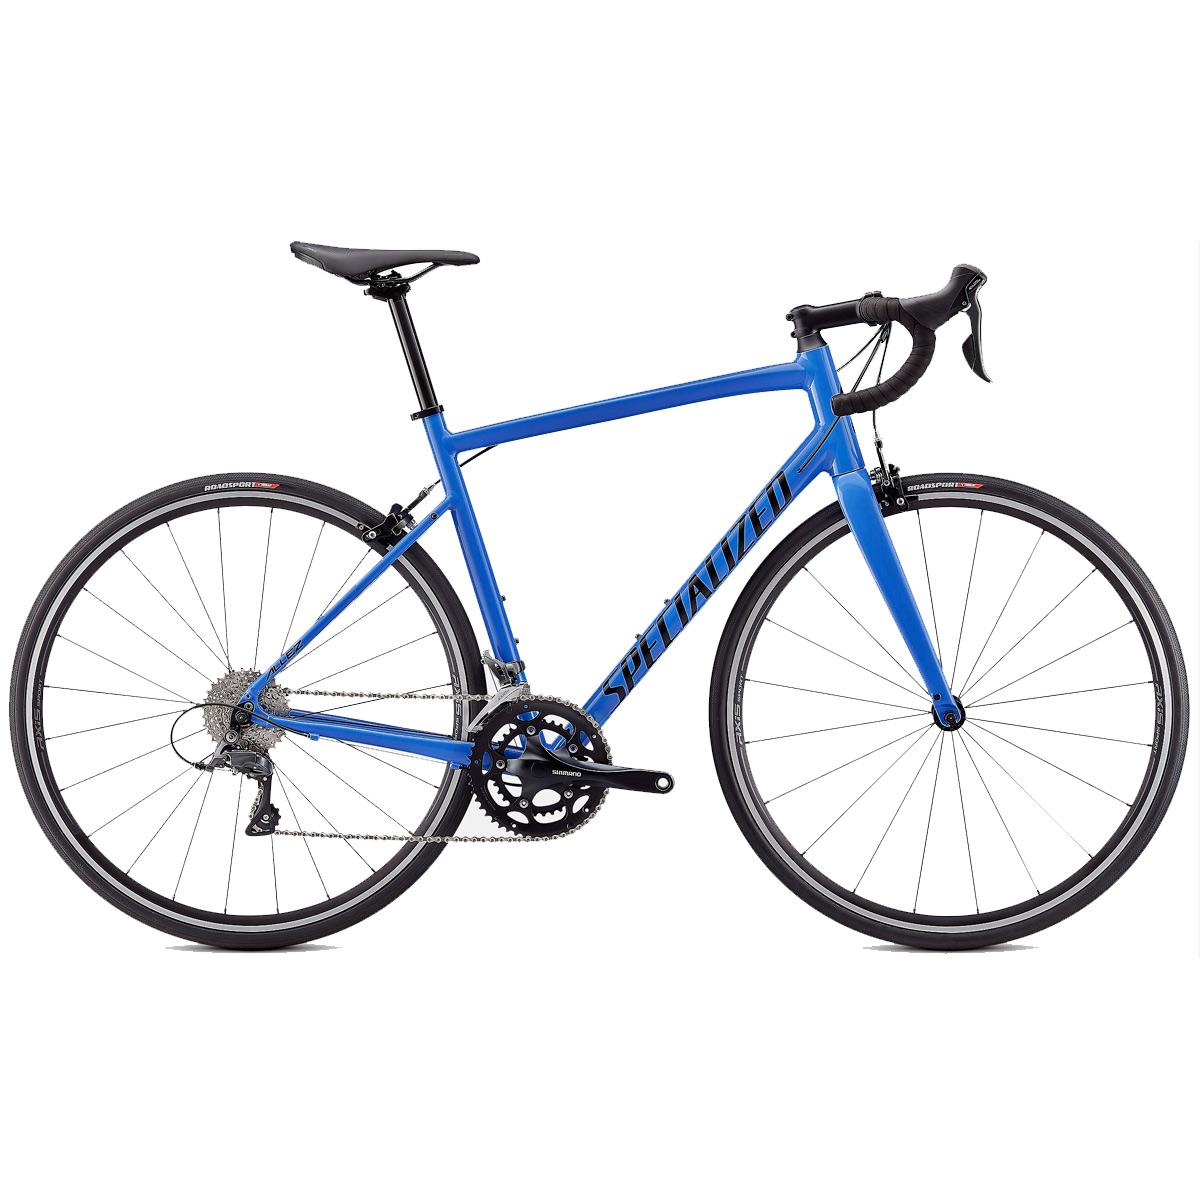 Bicicleta Specialized Allez